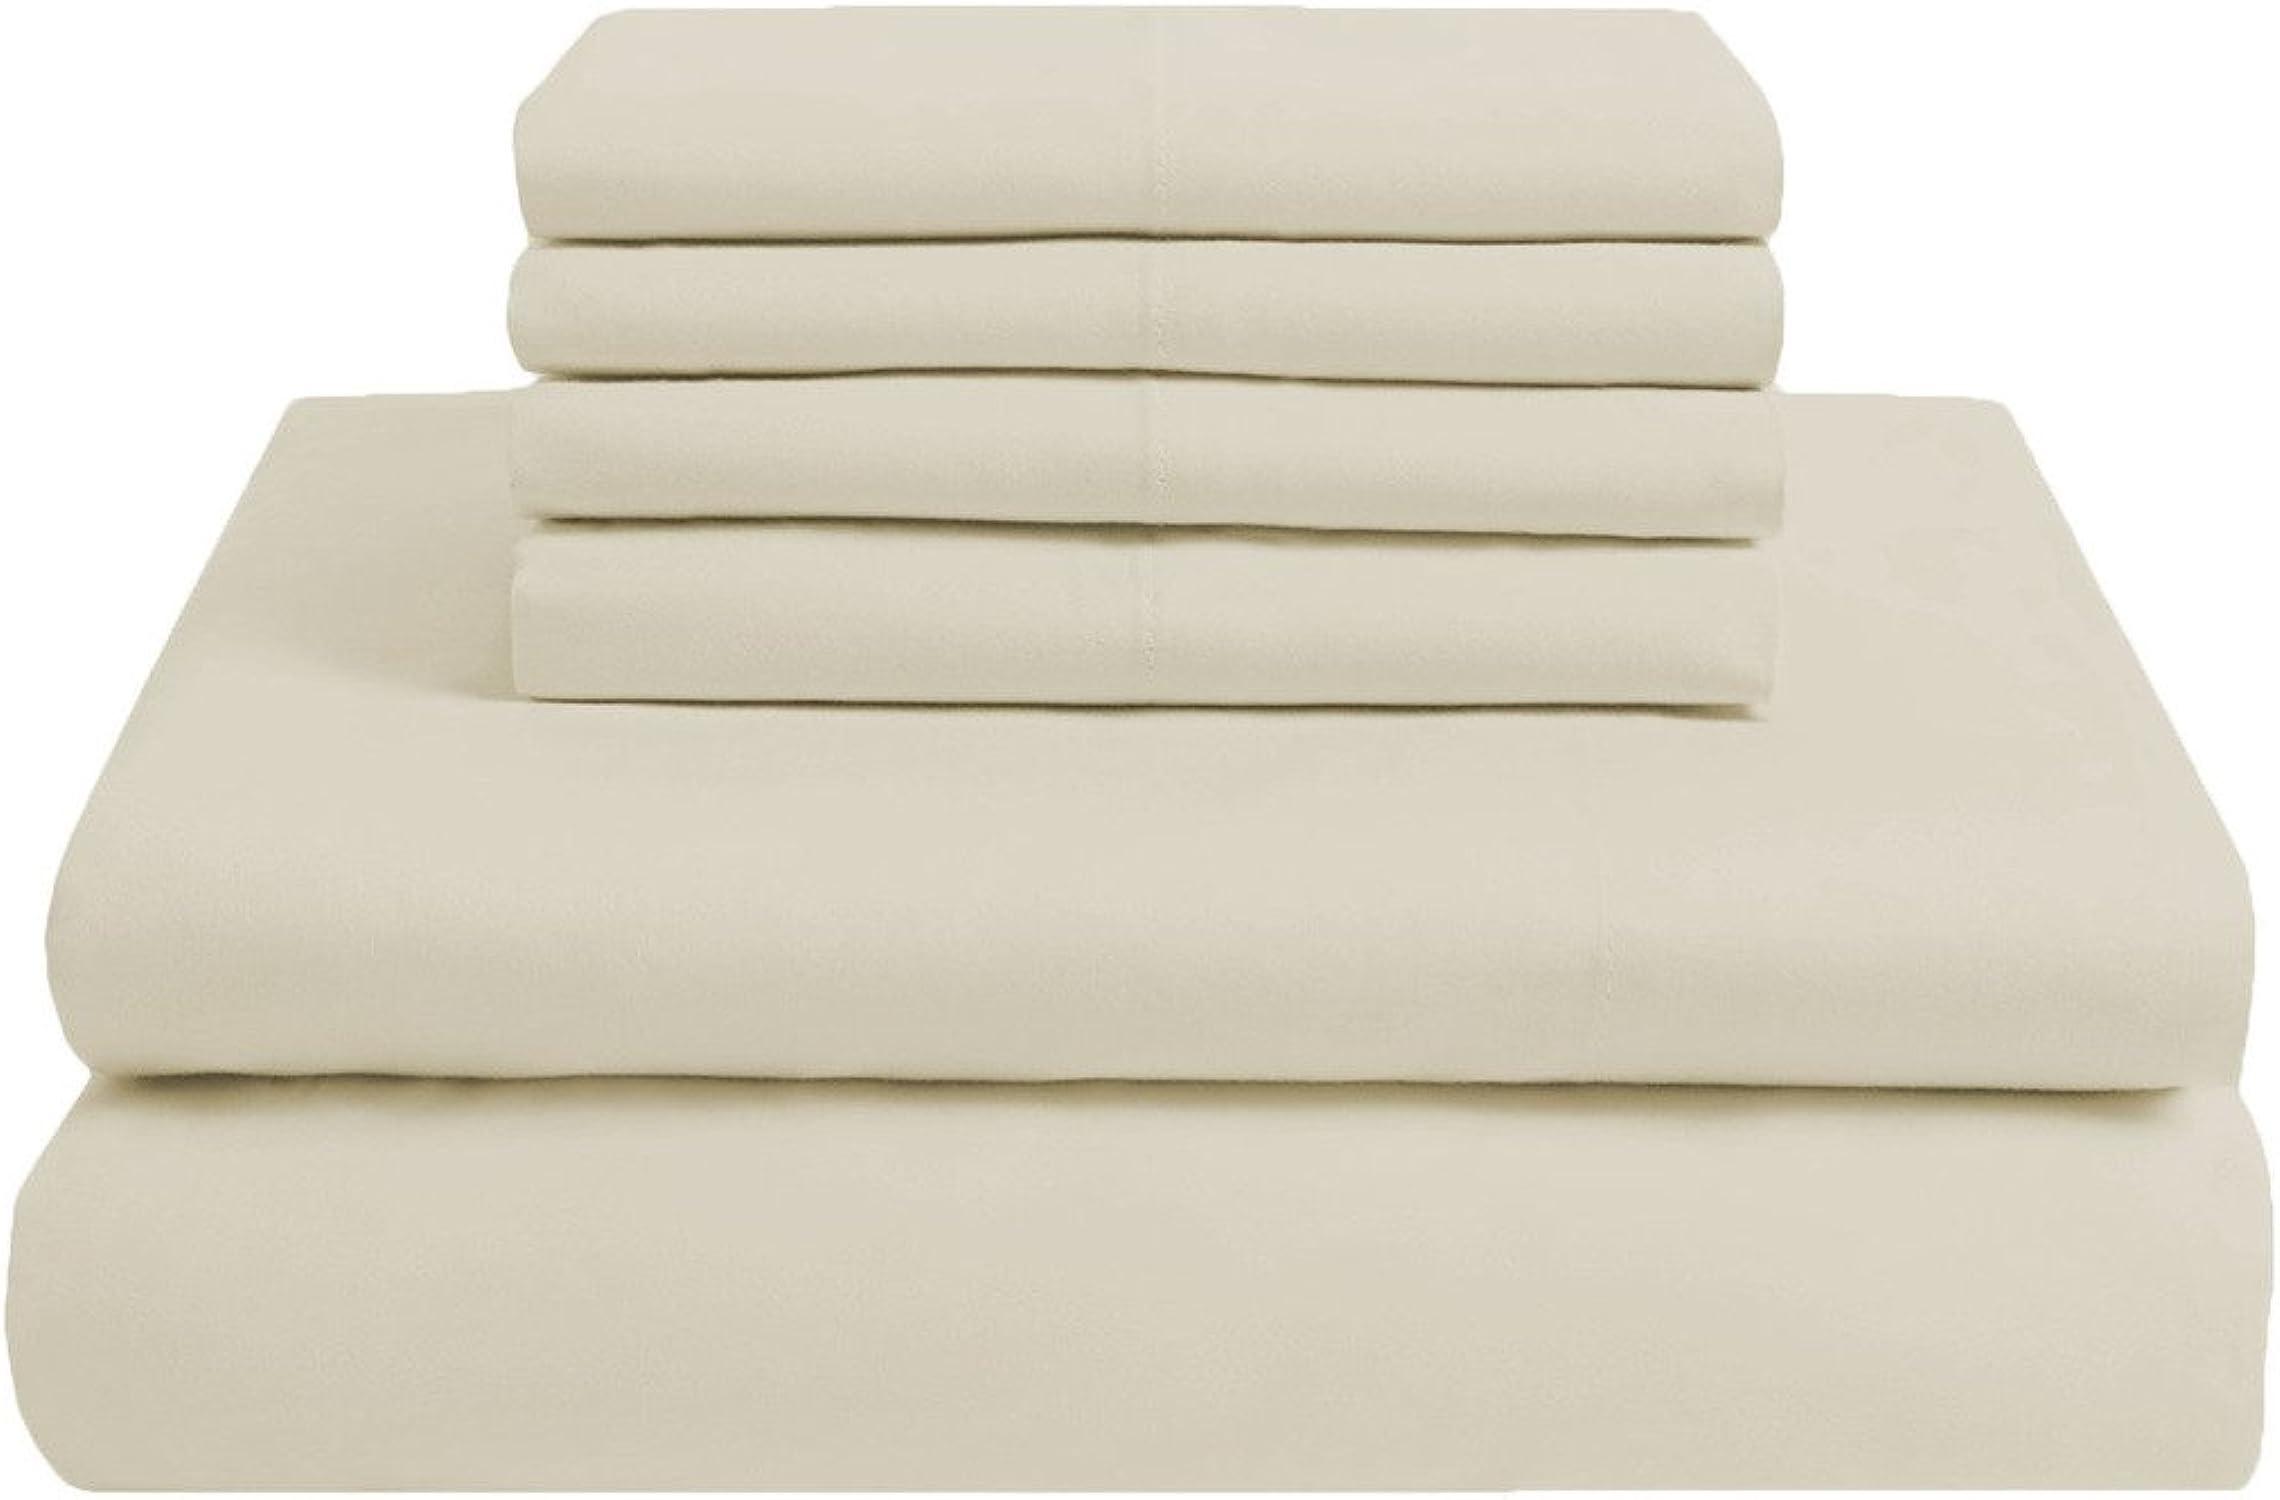 de moda Scalabedding Scalabedding Scalabedding funda 18cm de profundidad–100% algodón egipcio–400hilos cm2–6piezas de resistente Double XL cama plata  Hay más marcas de productos de alta calidad.